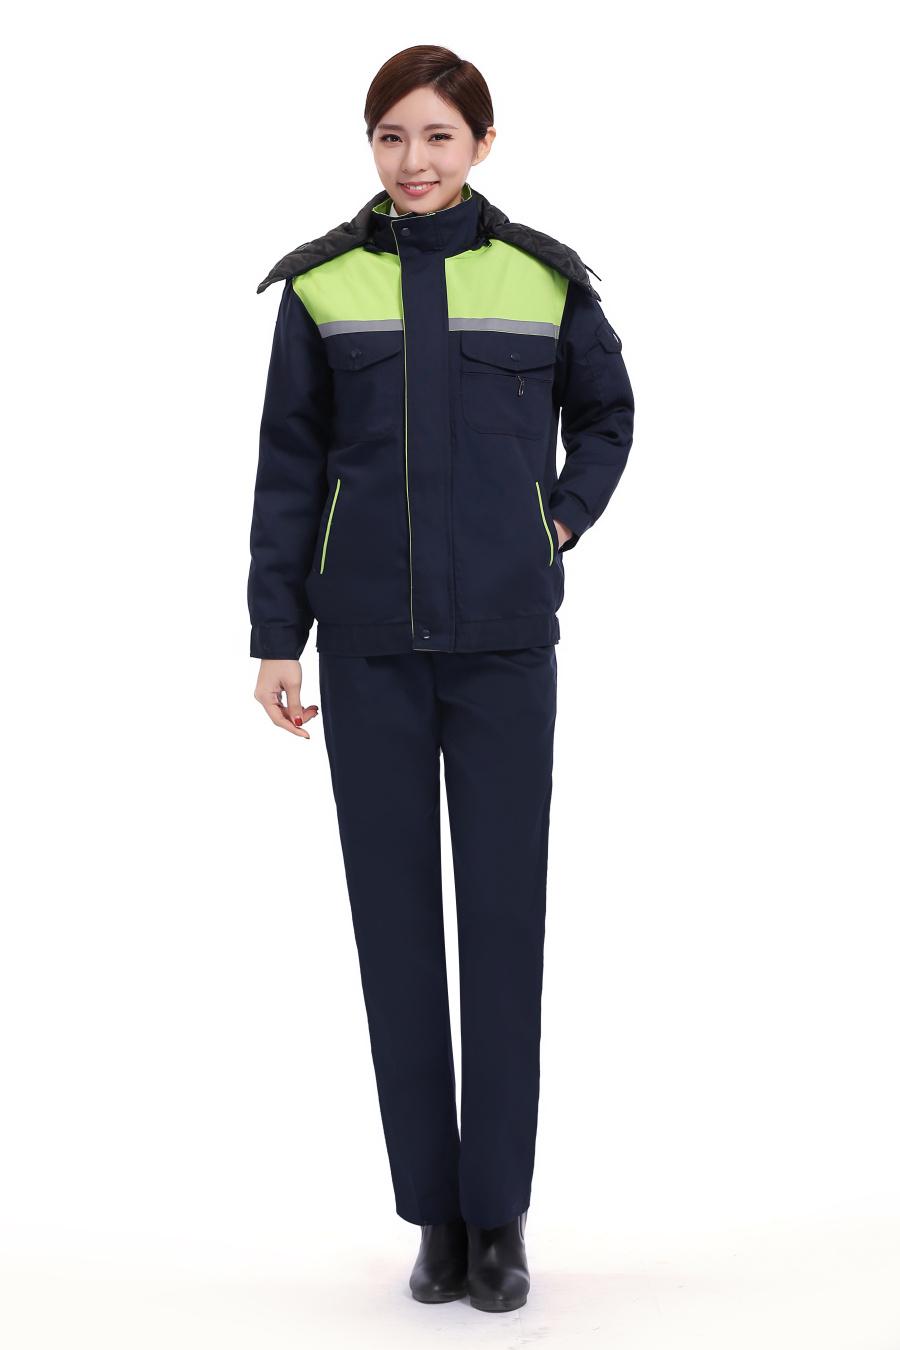 绿色冬装工作服